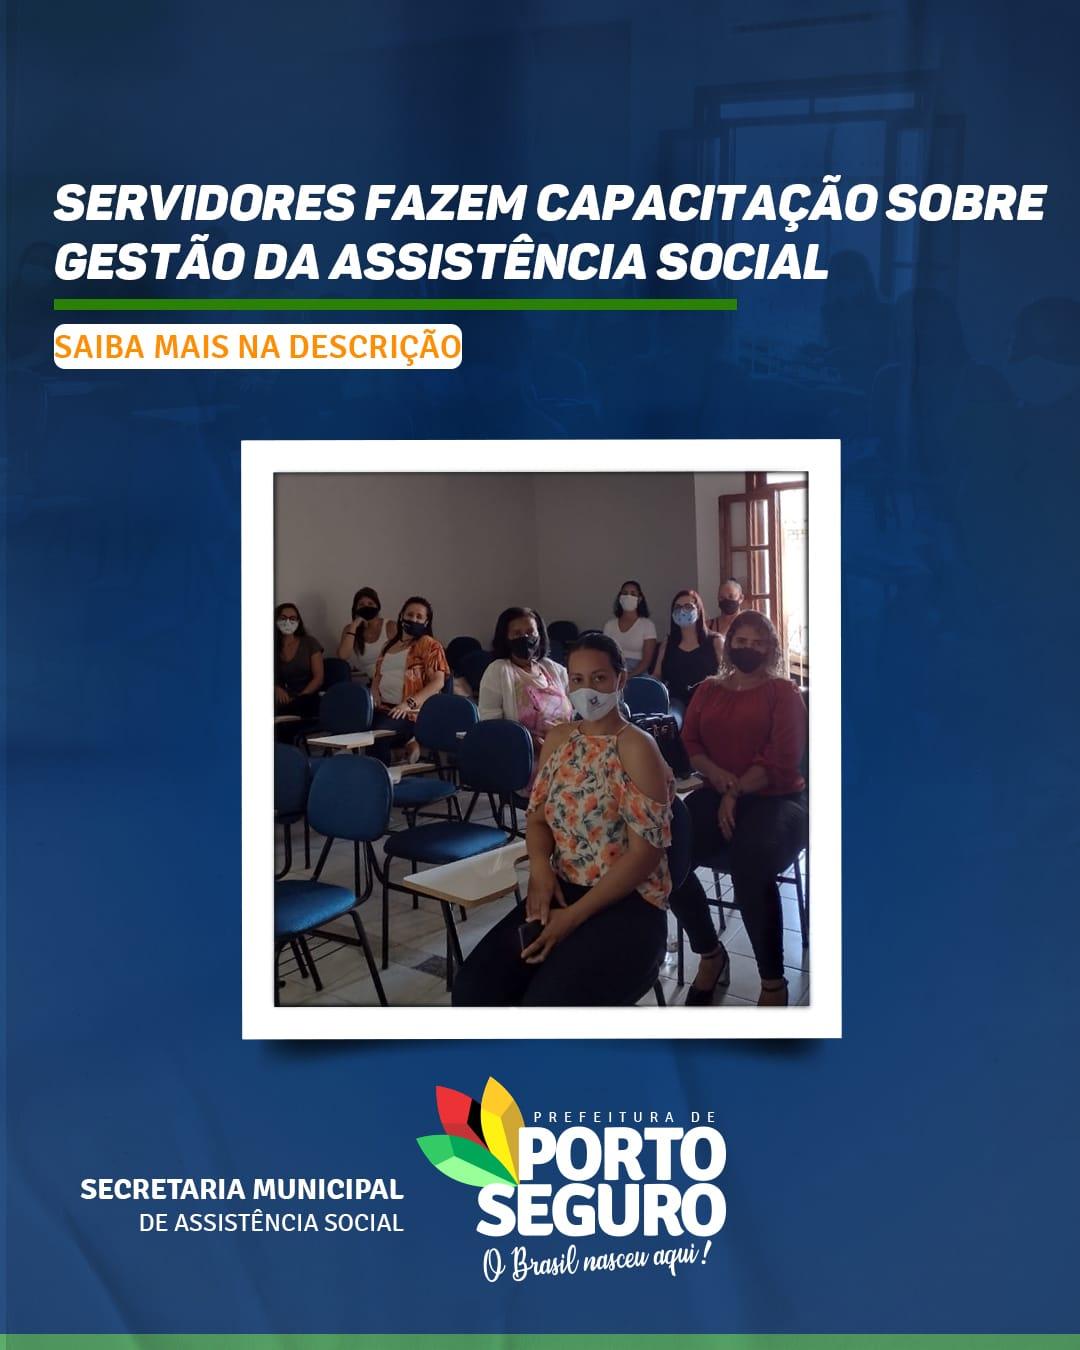 Servidores fazem capacitação sobre gestão da assistência social 18